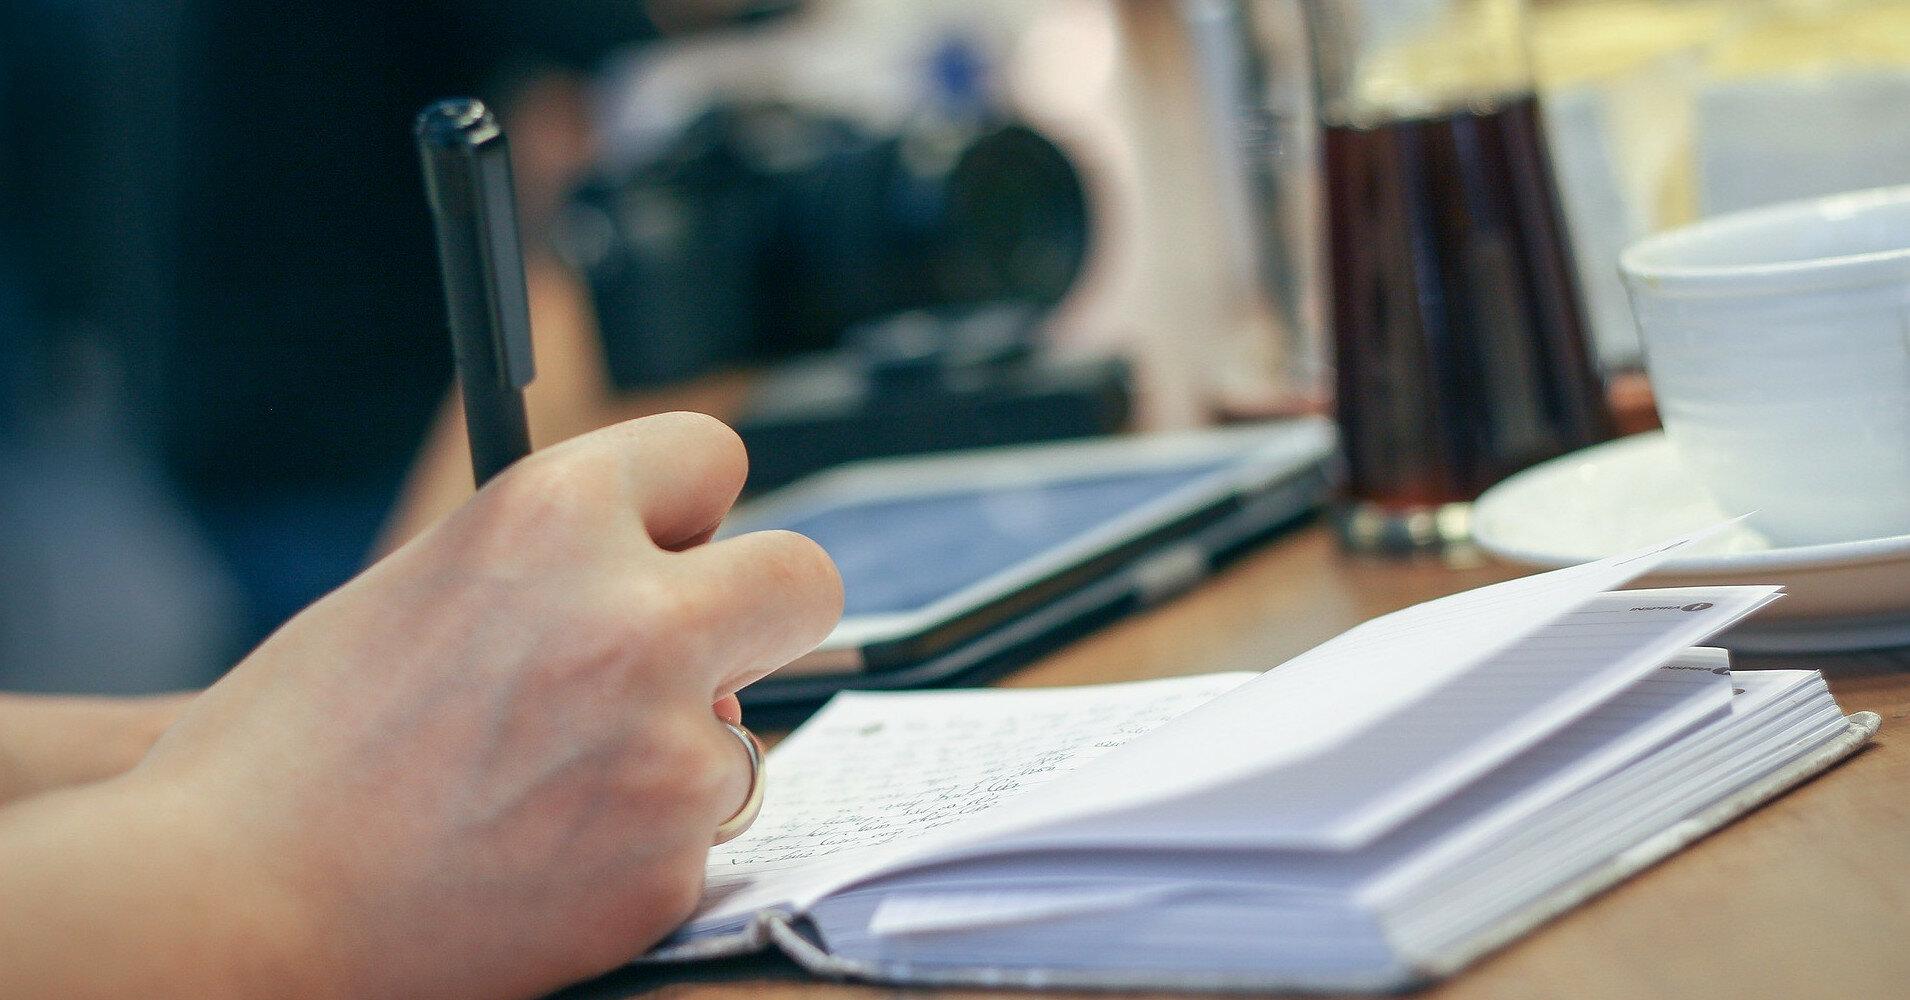 Три правила питания в офисе, которые помогут оставаться в форме